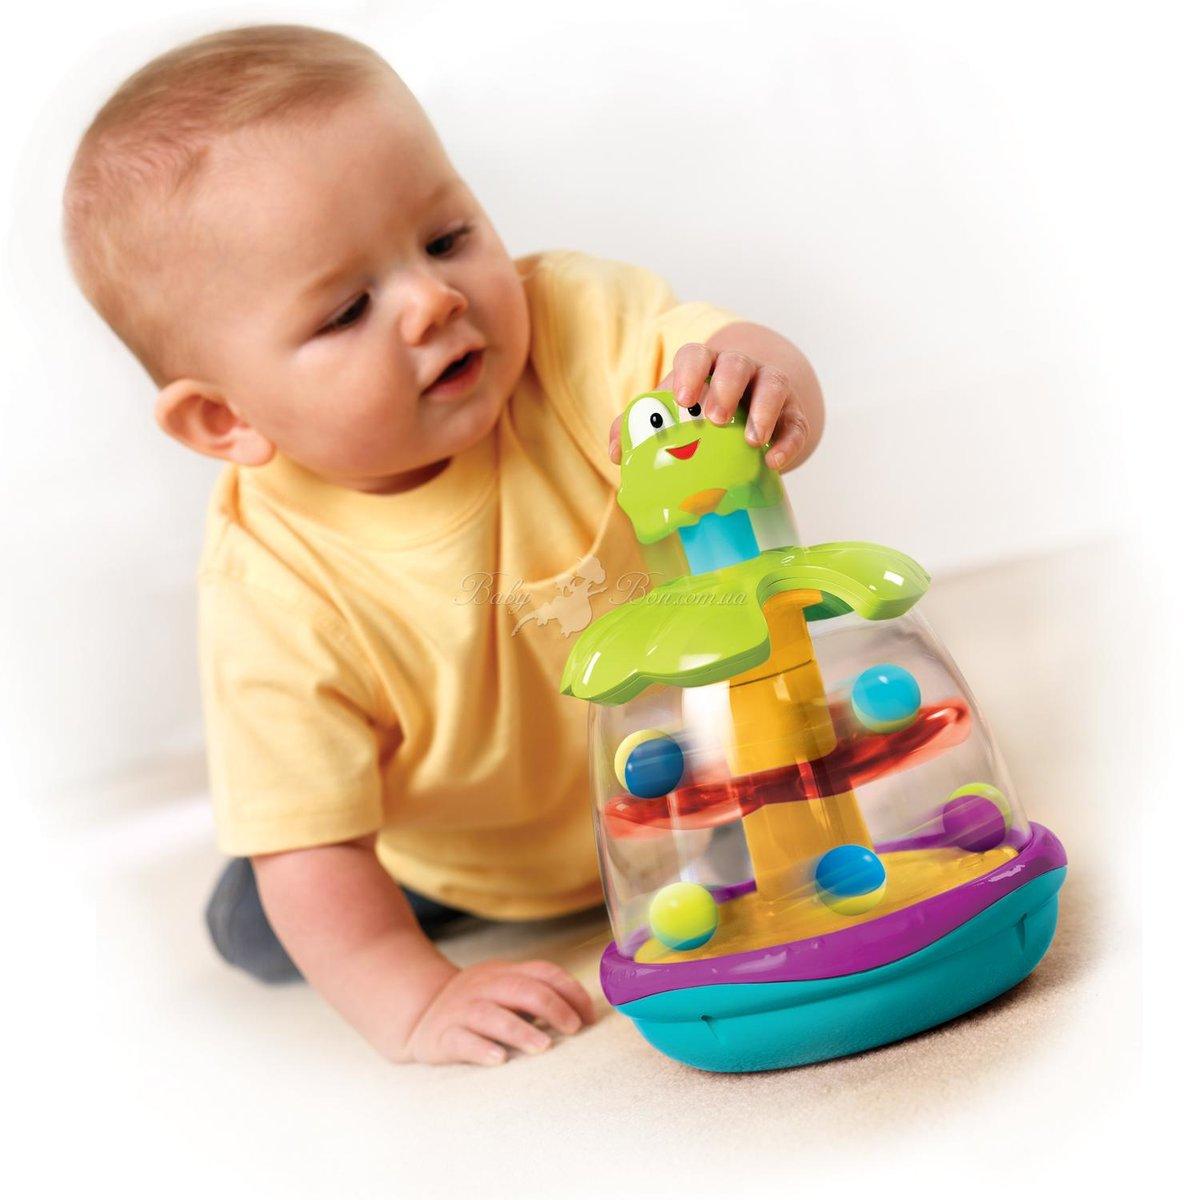 Картинки игрушек для мальчиков до года